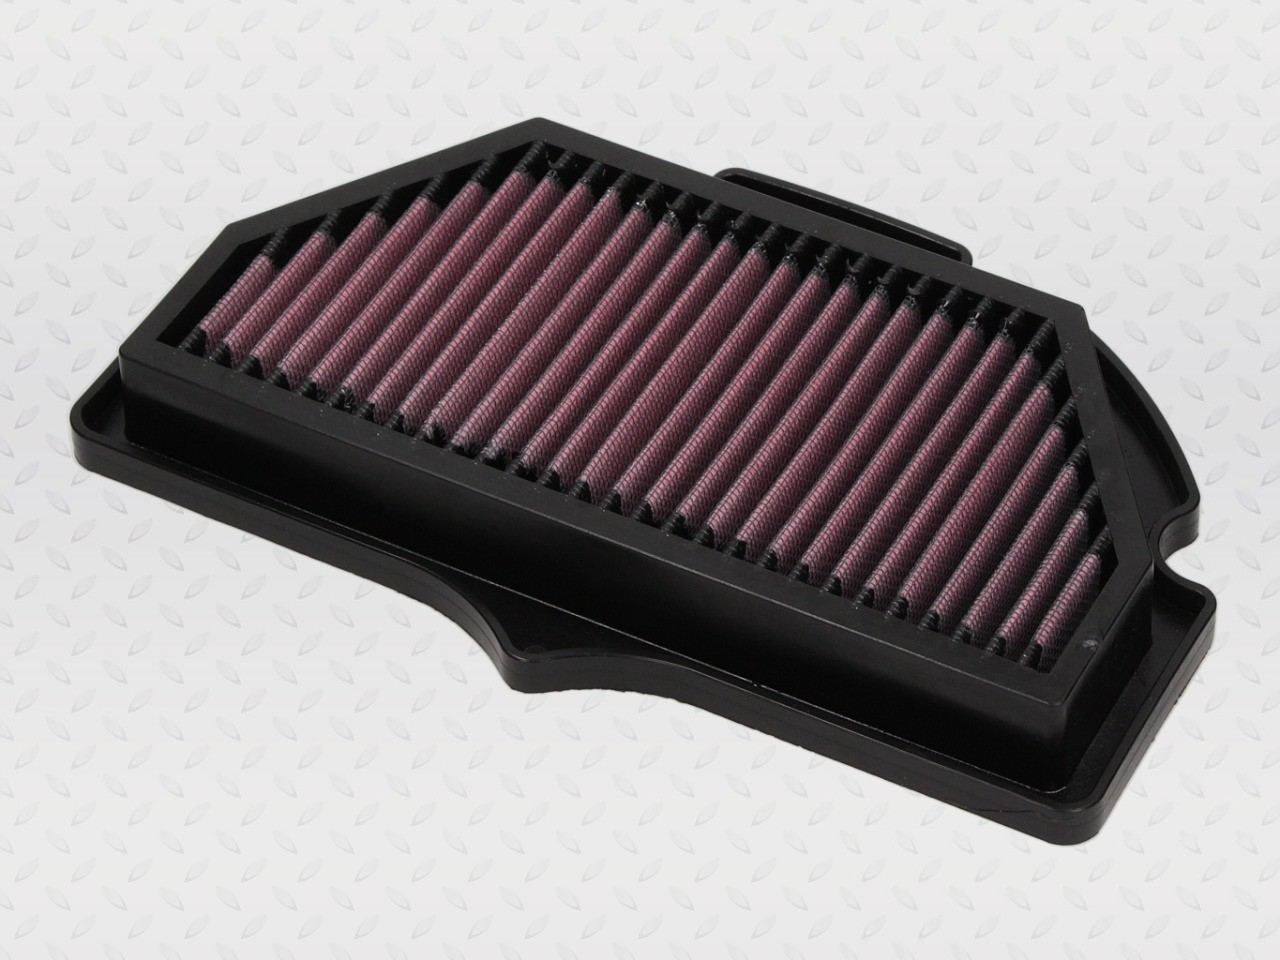 luftfilter k n su 7506 filter luftfilter teile zub k. Black Bedroom Furniture Sets. Home Design Ideas